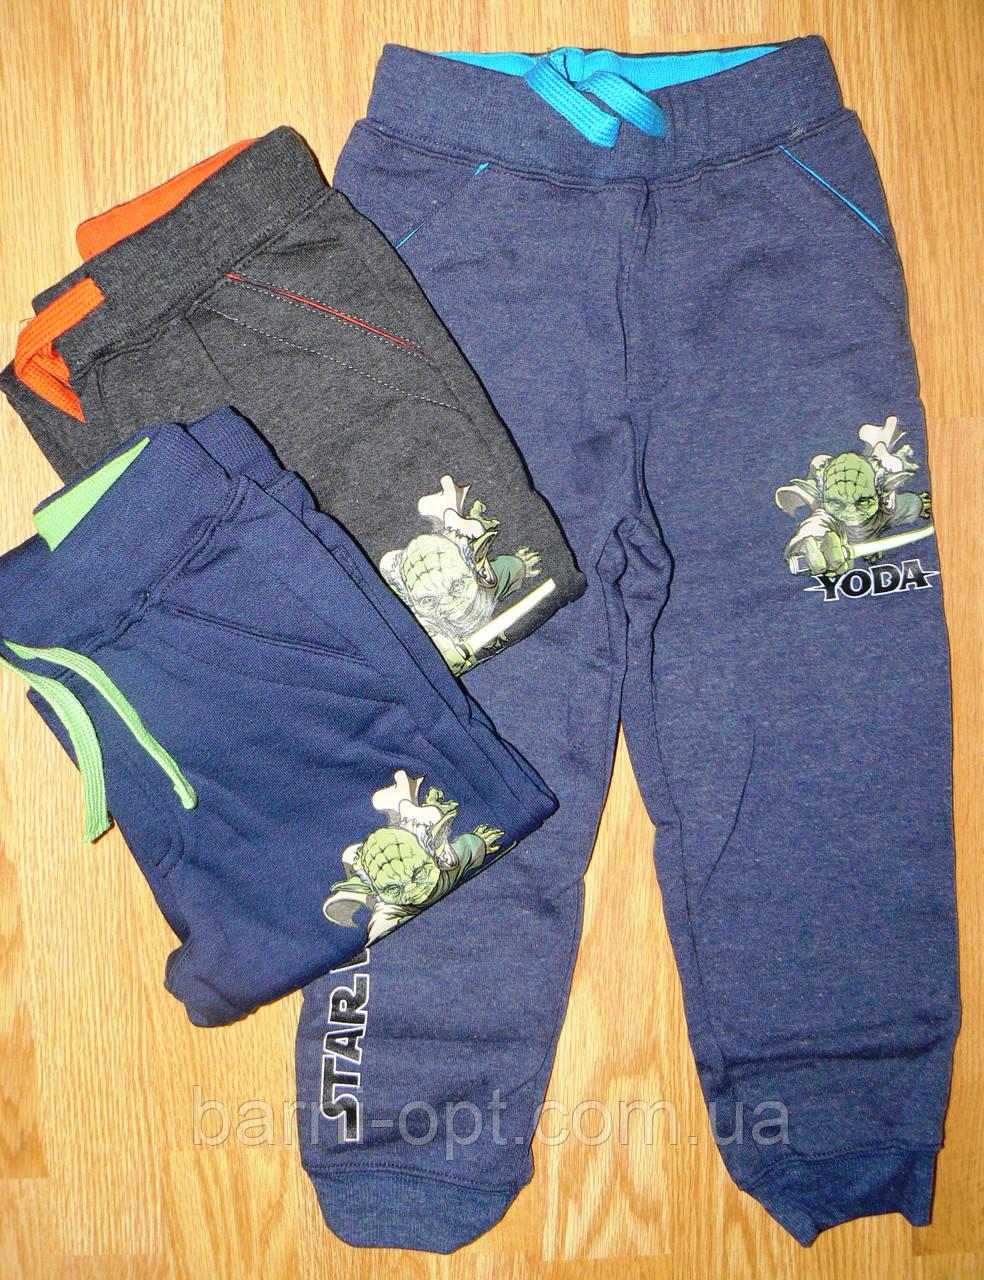 Спортивные брюки с микроначесом для мальчиков Disney, оптом, 98-128  рр